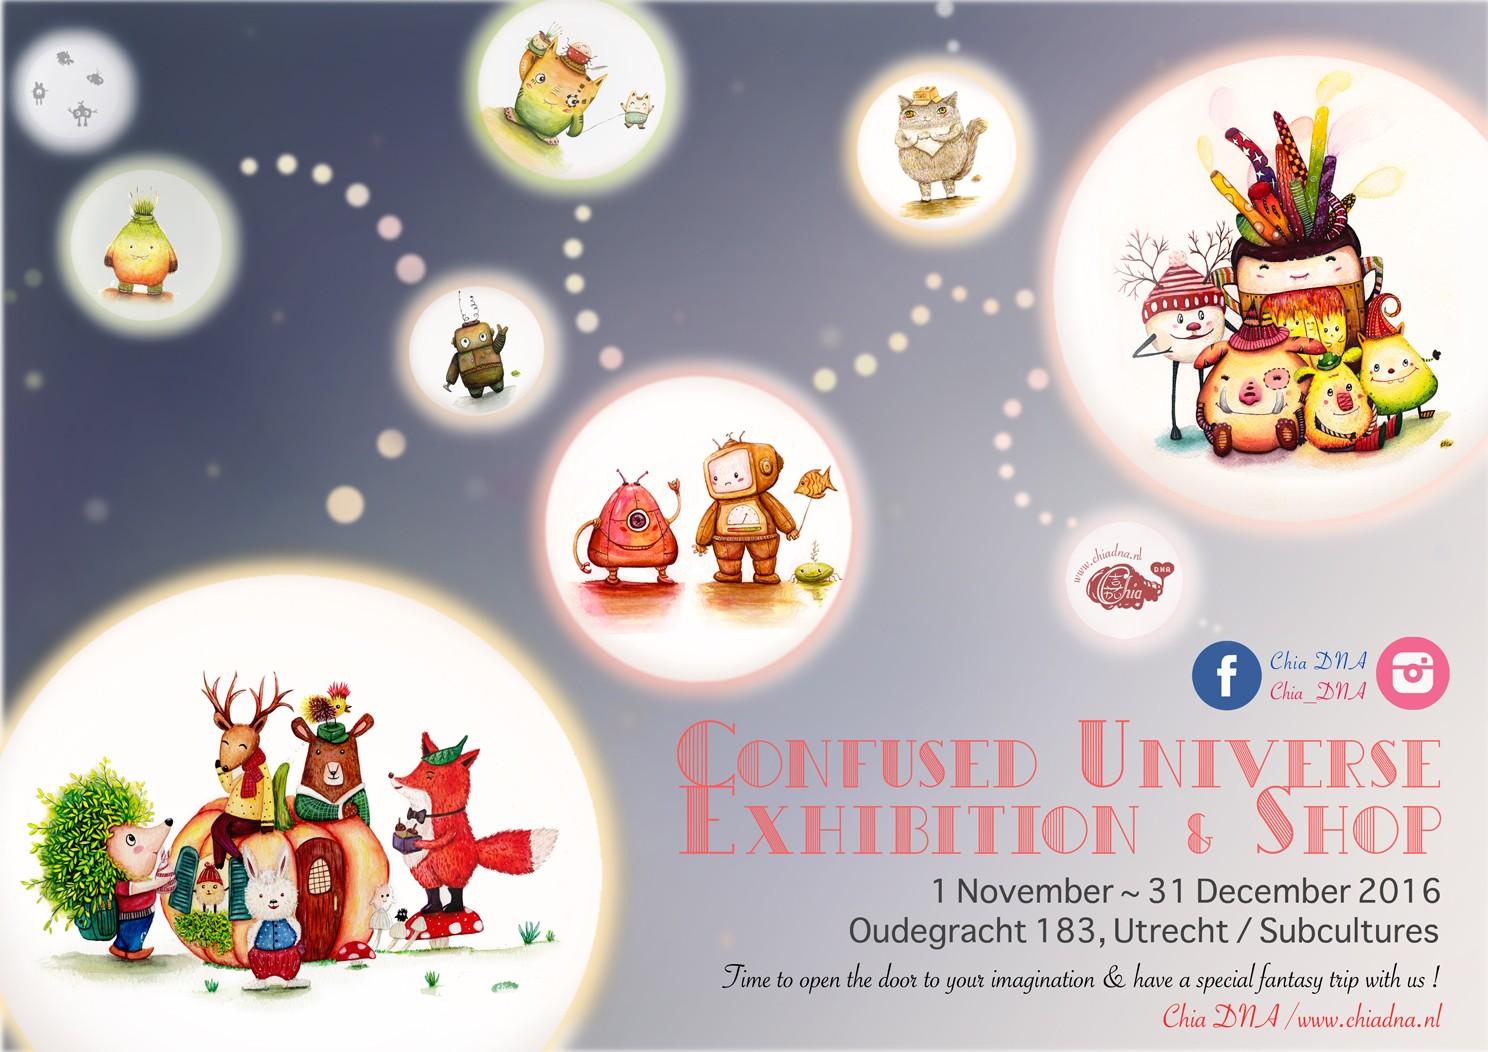 Confused Universe Exhibition & Shop November, December2016